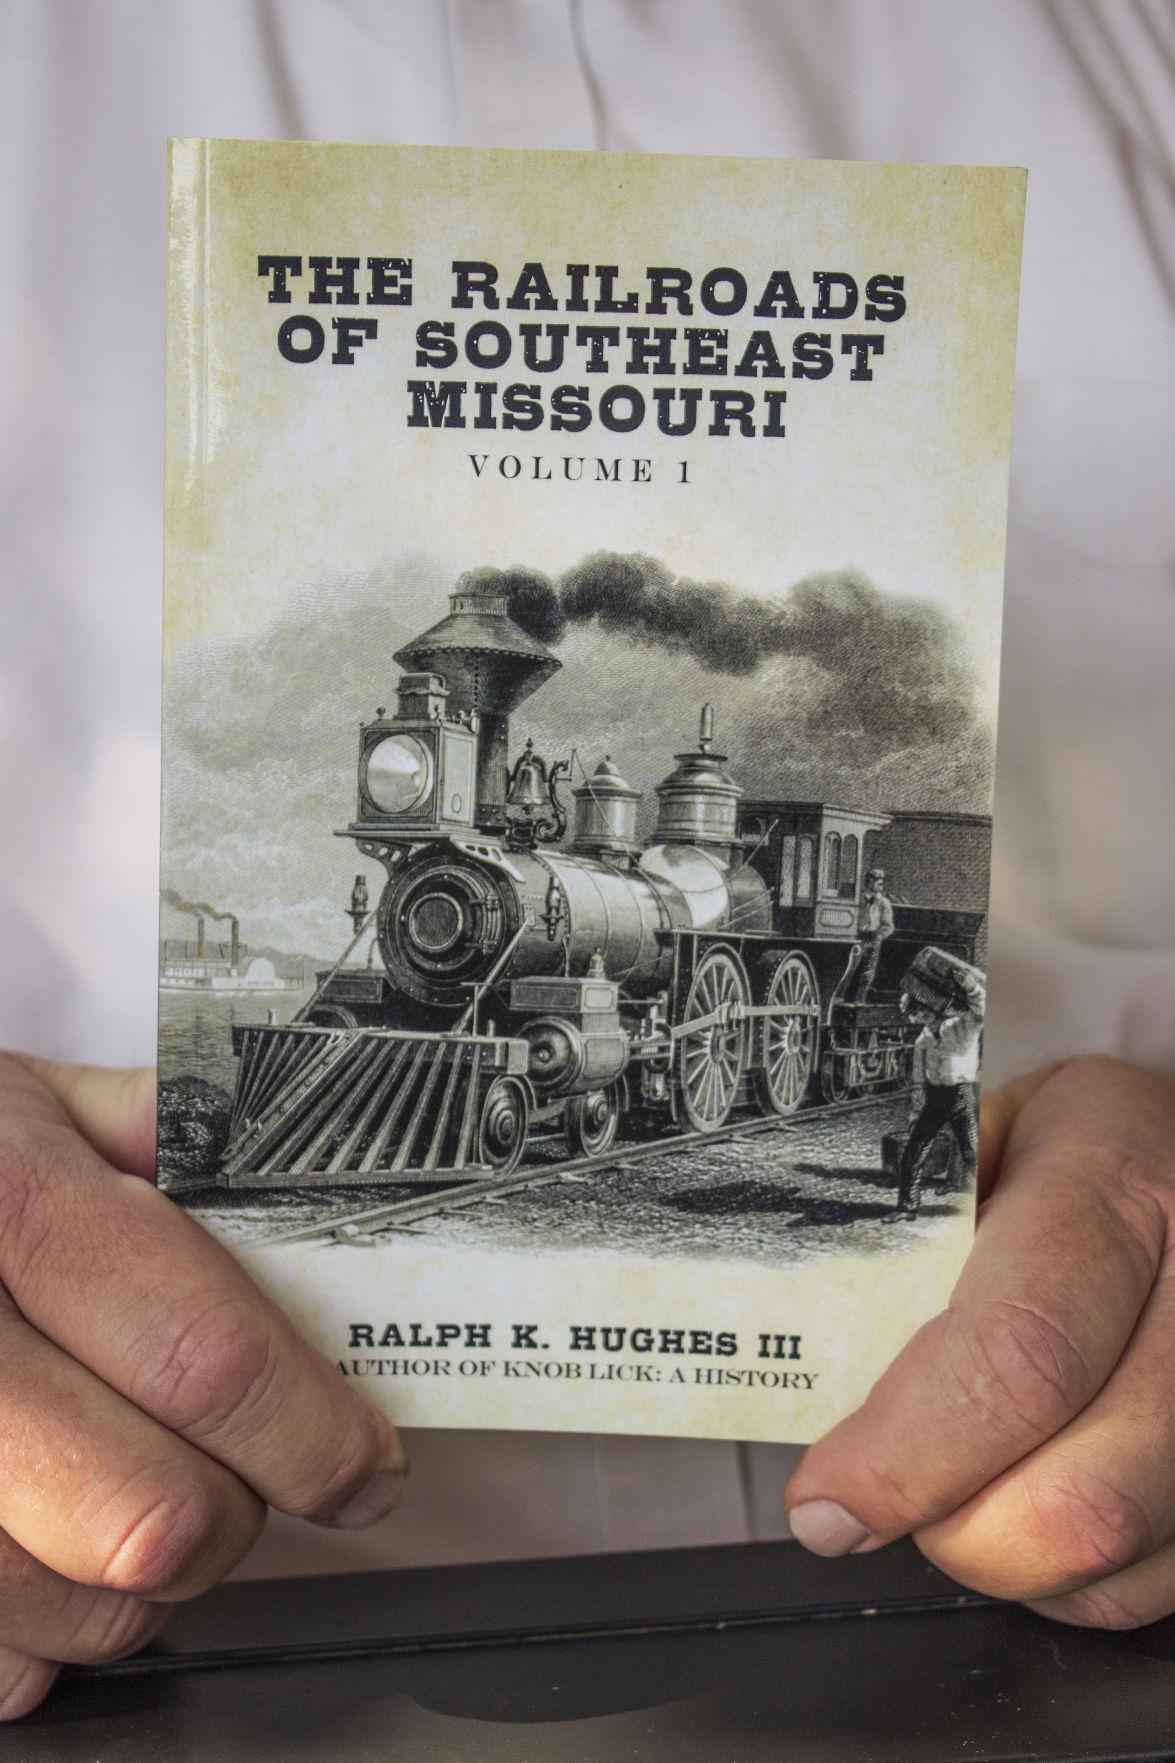 Book recalls magic of trains